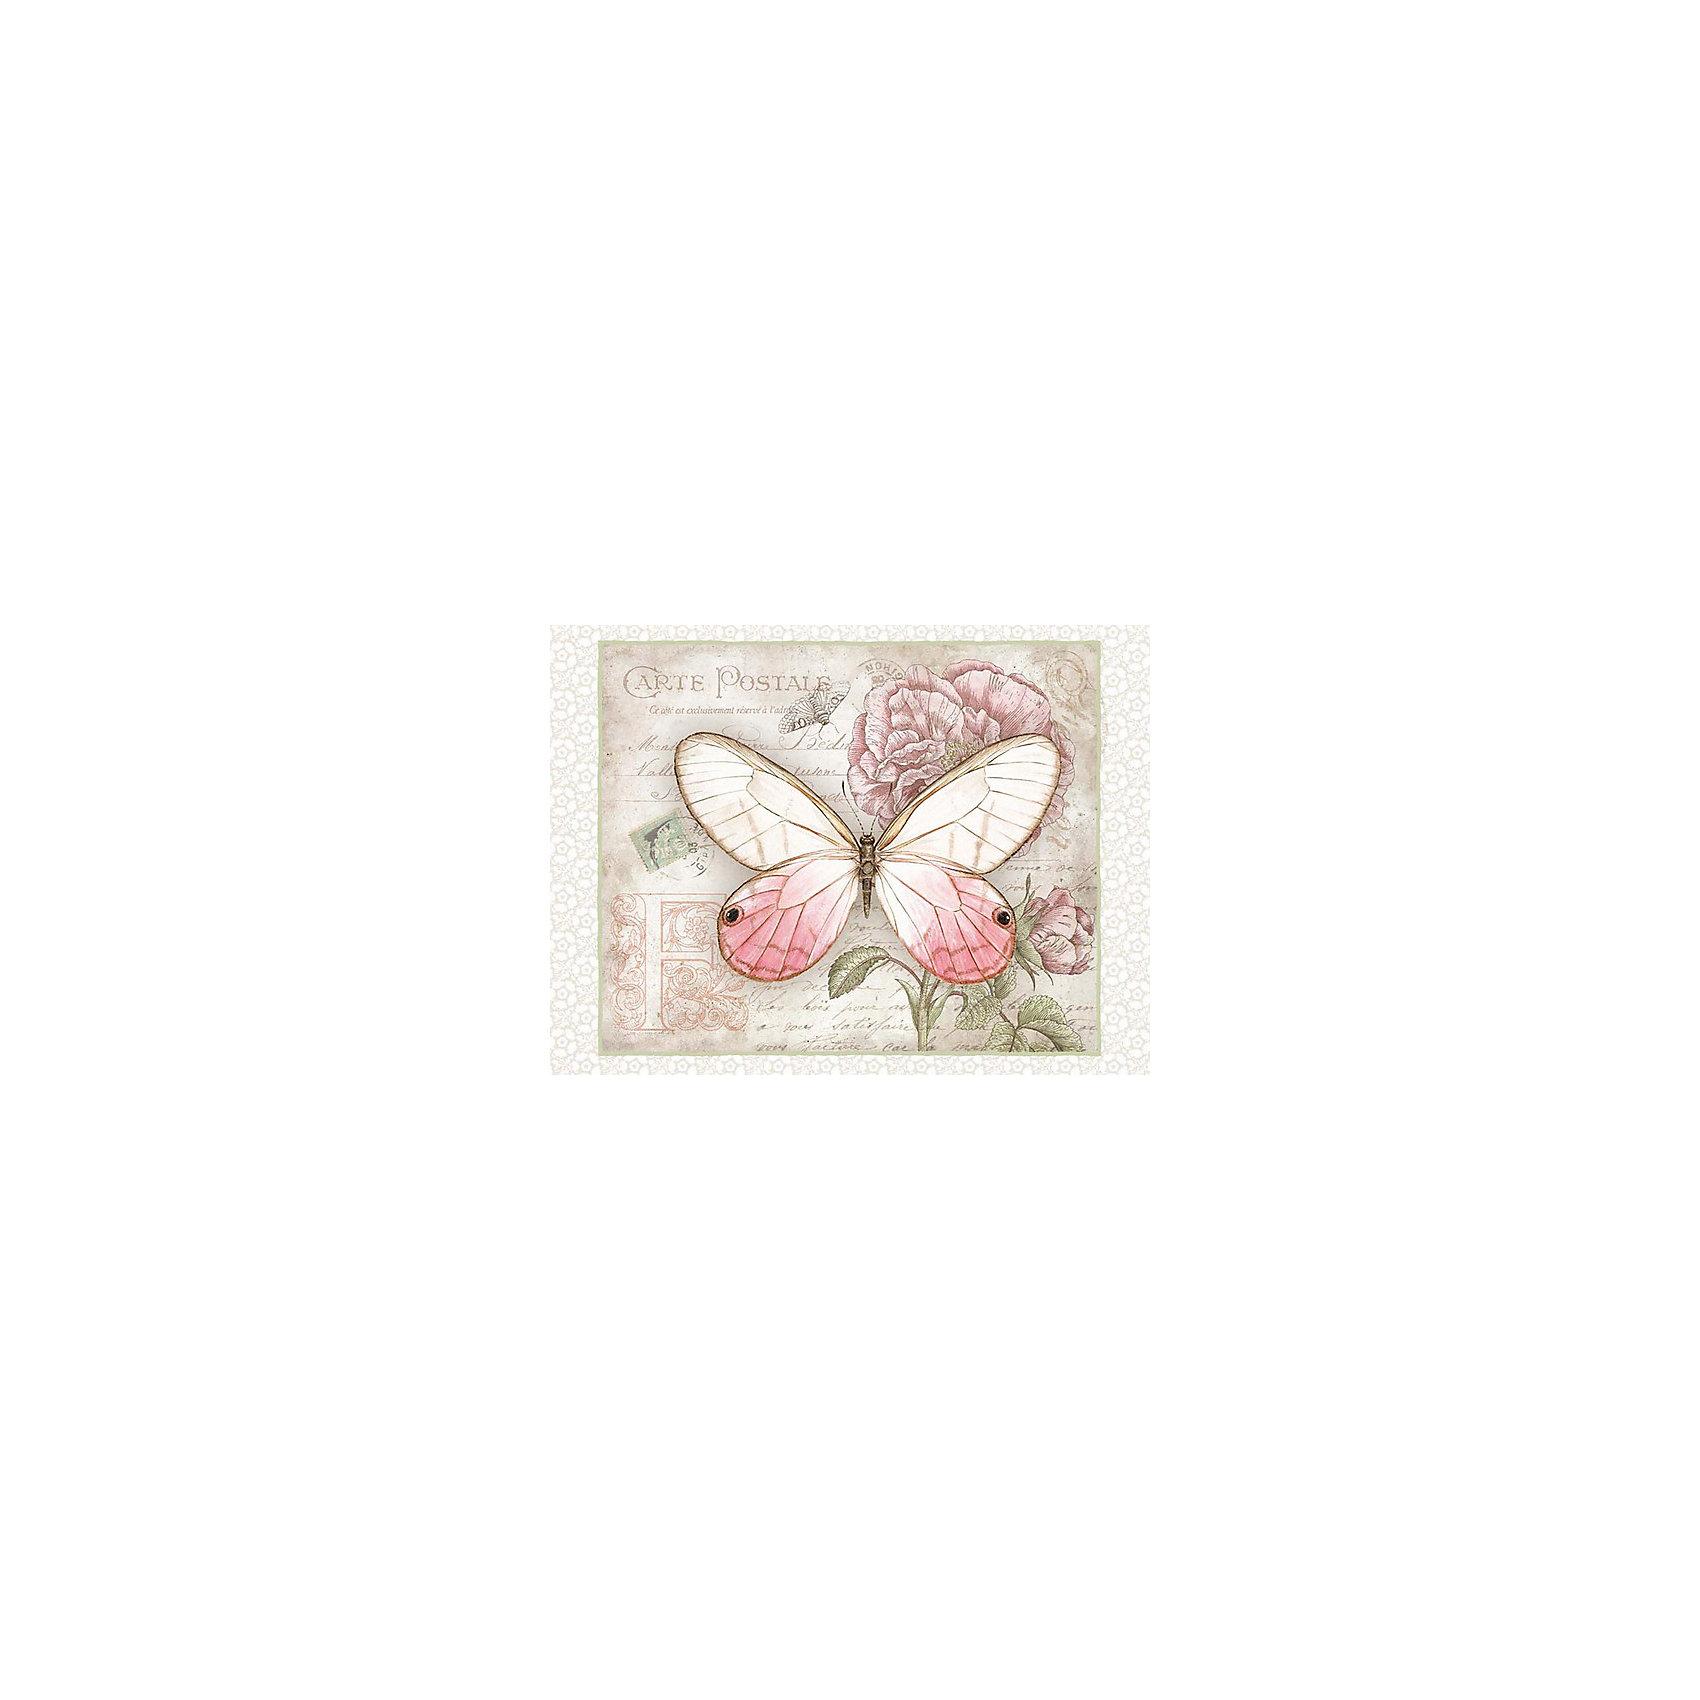 Картина - репродукция Розовая бабочка, Феникс-ПрезентДетские предметы интерьера<br>Картина - репродукция Розовая бабочка, Феникс-Презент <br><br>Характеристики:<br><br>• печать на бумаге<br>• без рамки<br>• основа из МДФ<br>• размер: 30х40х1 см<br><br>Картина Розовая бабочка поднимет настроение и станет прекрасным украшением для любого интерьера. Основа изготовлена из МДФ. На картине изображена большая бабочка. Краски не выцветают в течение долгого времени. Картина Розовая бабочка долго будет радовать глаз!<br><br>Картину - репродукцию Розовая бабочка, Феникс-Презент можно купить в нашем интернет-магазине.<br><br>Ширина мм: 300<br>Глубина мм: 400<br>Высота мм: 100<br>Вес г: 793<br>Возраст от месяцев: -2147483648<br>Возраст до месяцев: 2147483647<br>Пол: Унисекс<br>Возраст: Детский<br>SKU: 5449537